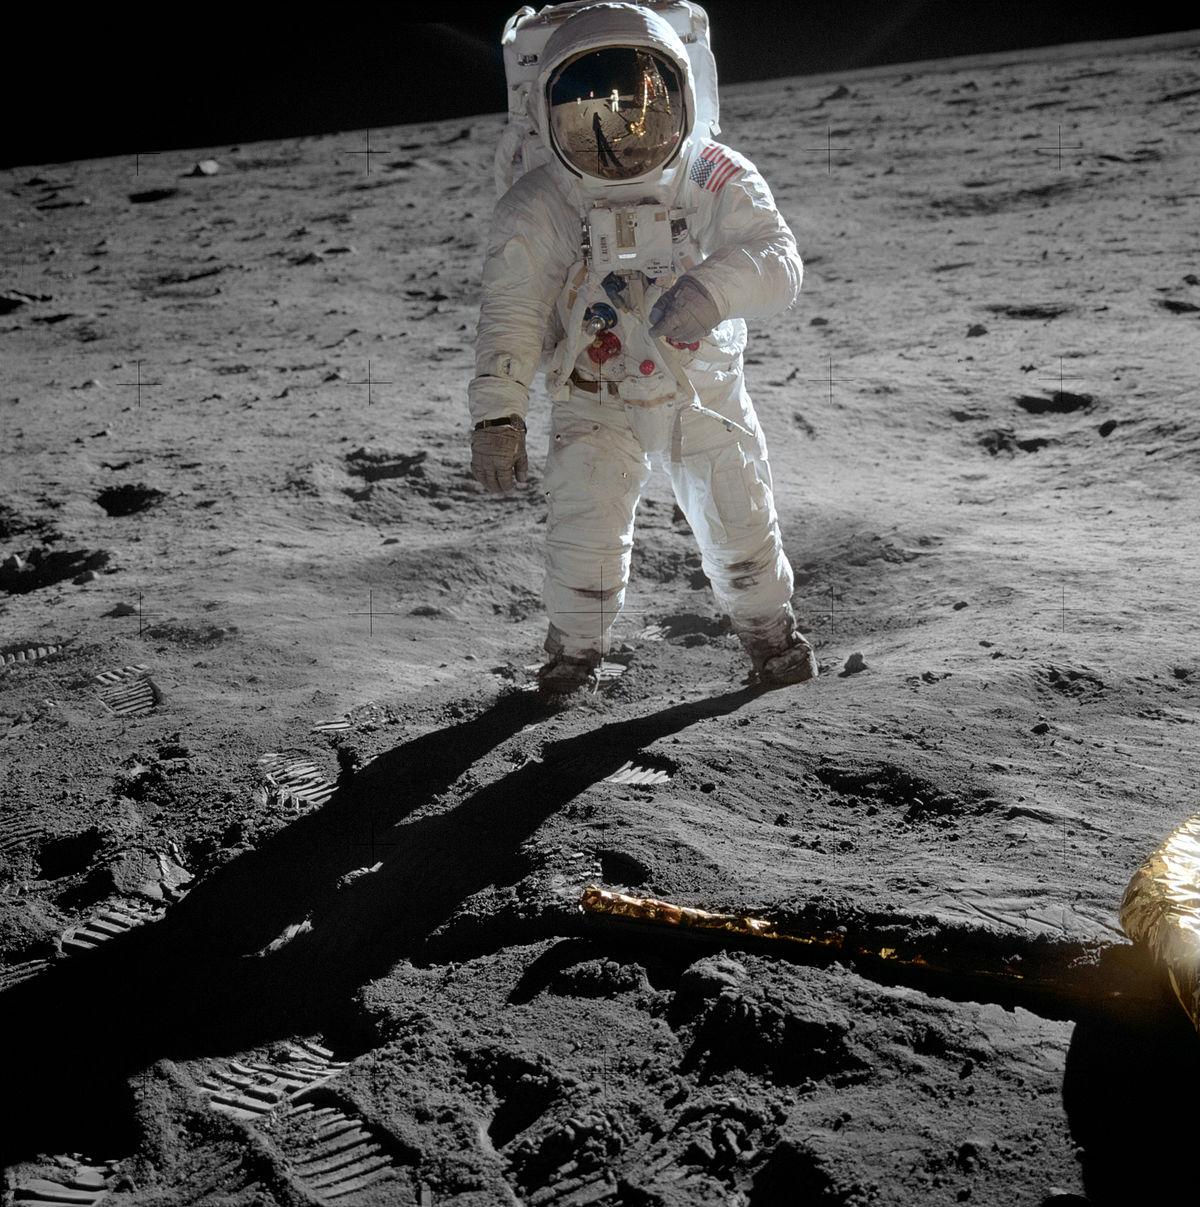 https://en.wikipedia.org/wiki/Apollo_11